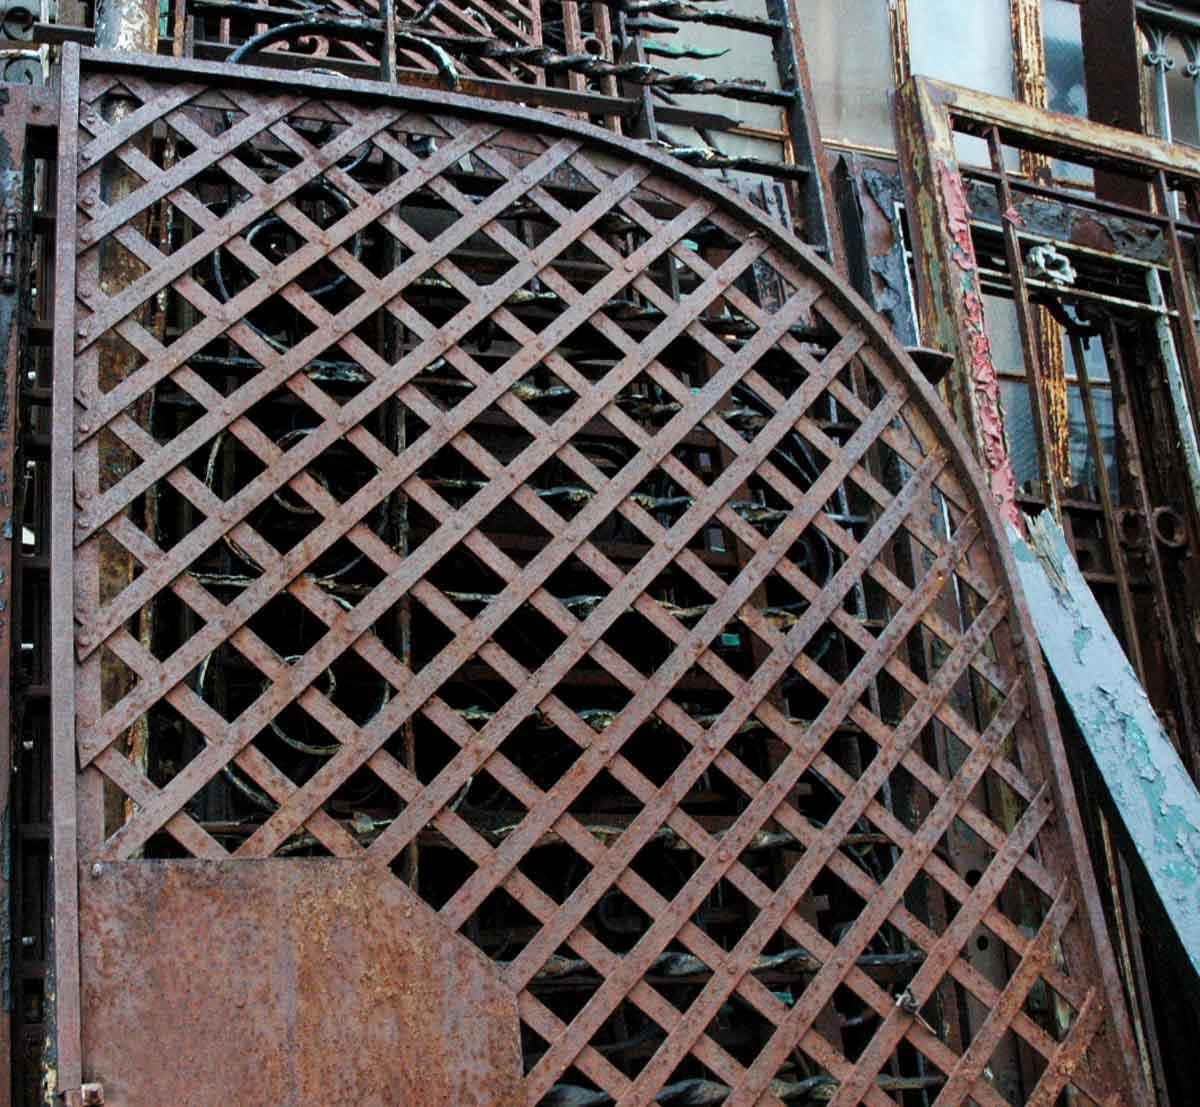 Antique Wrought Iron Gate Or Woven Lattice Garden Trellis